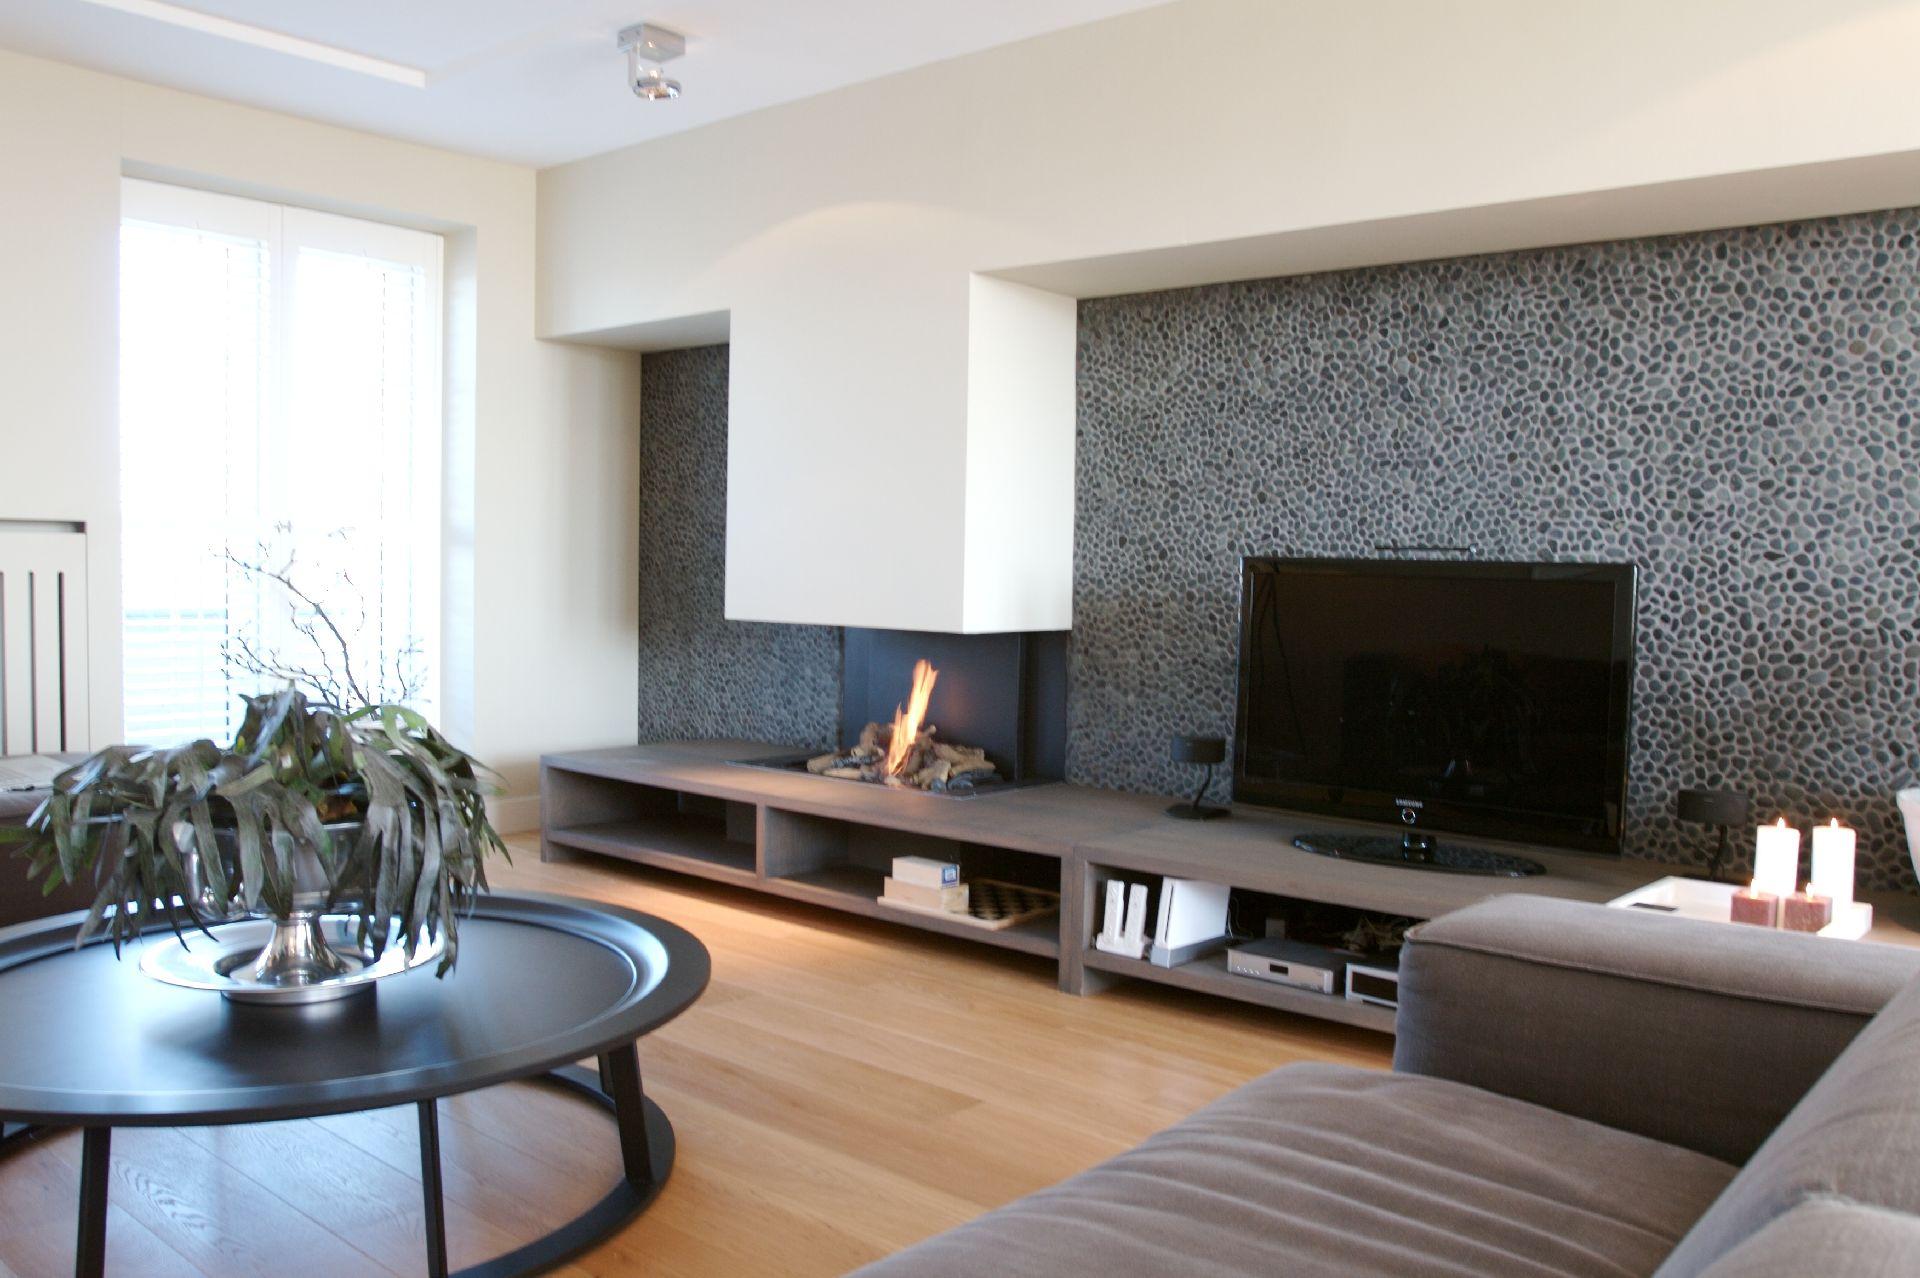 Woonkamer Inrichten Zonder Tv : Houtlook tegels woonkamer en badkamer ...